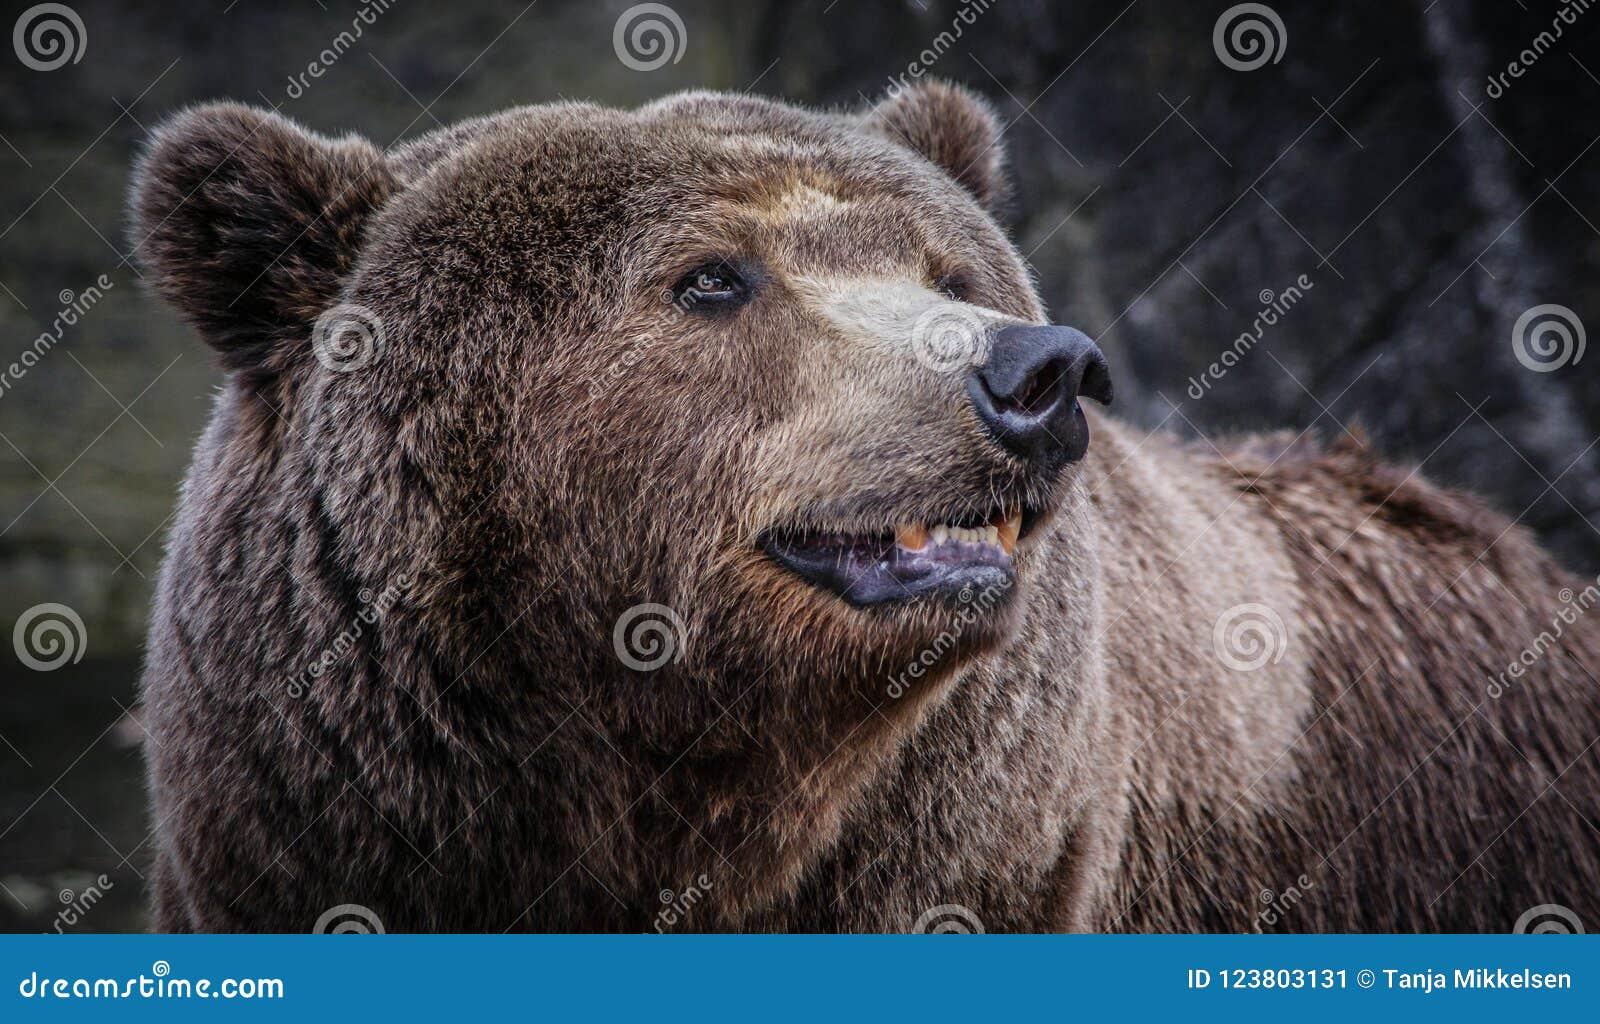 Ours brun mâle